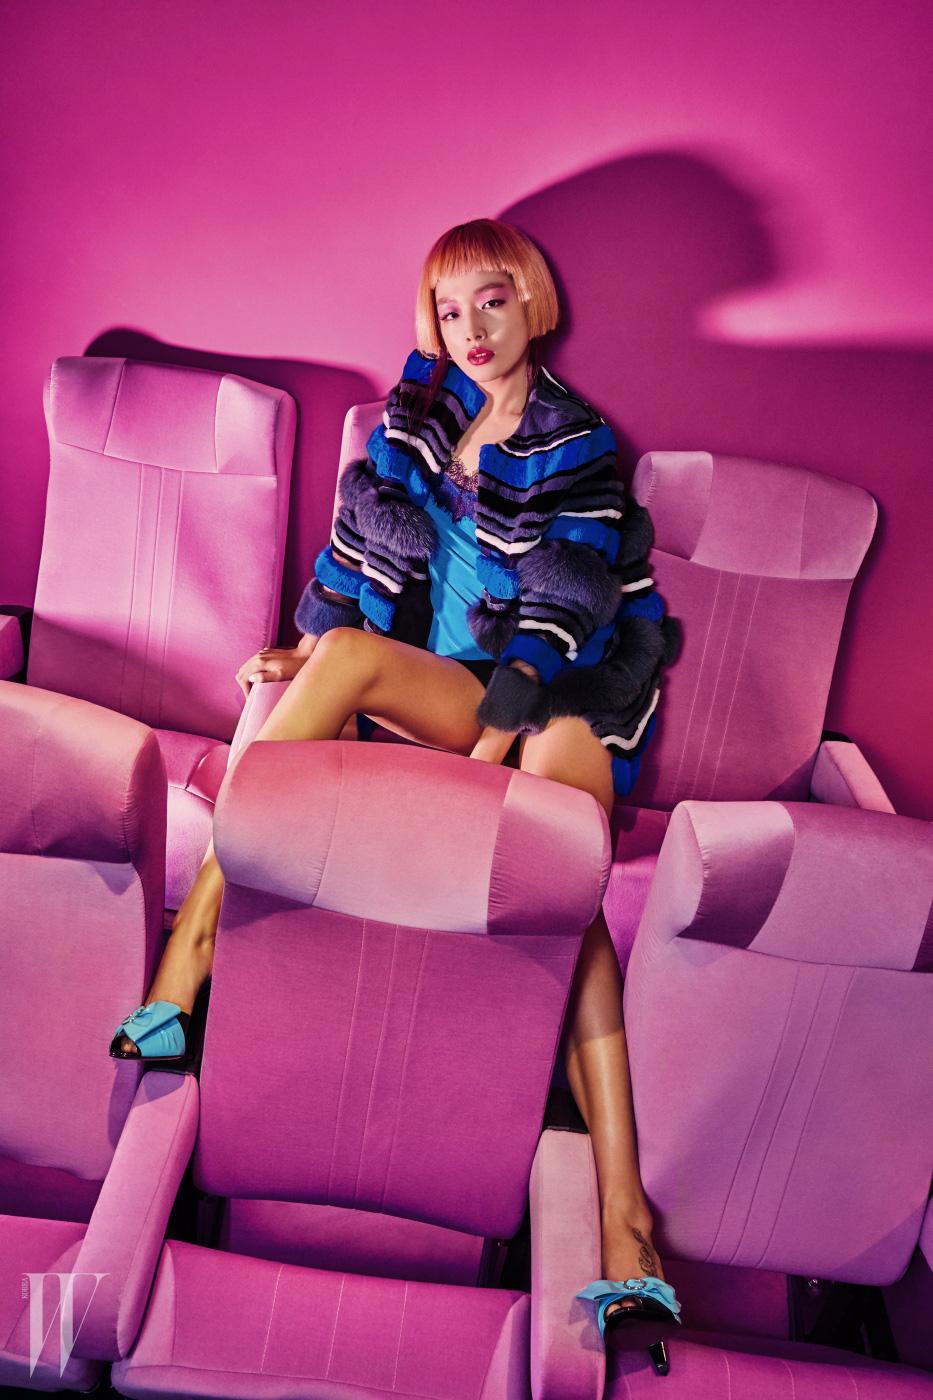 퍼 코트는 Fendi, 레이스 톱은 Escada, 하늘색 리본 장식 뮬은 Prada 제품.